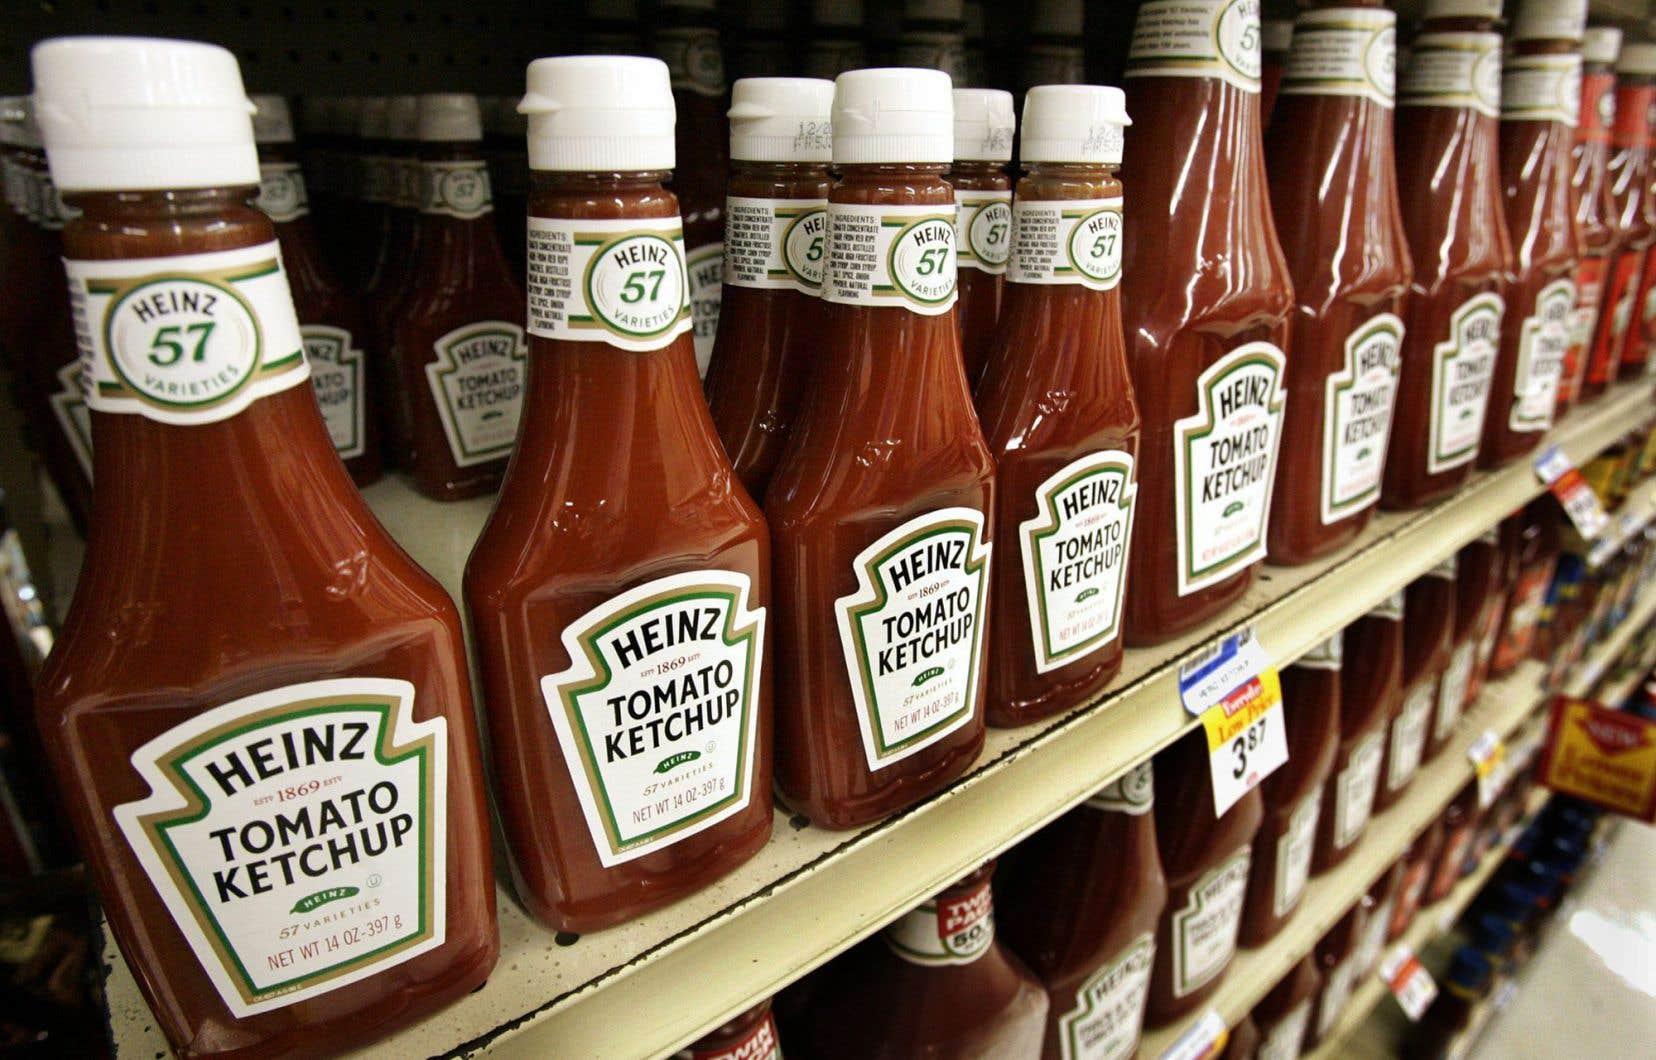 La société Kraft Heinz a reconnu que la traduction du nom de son nouveau produit en langue crie pouvait être embarrassante mais il sera écoulé tant et aussi longtemps qu'il en restera en stock.